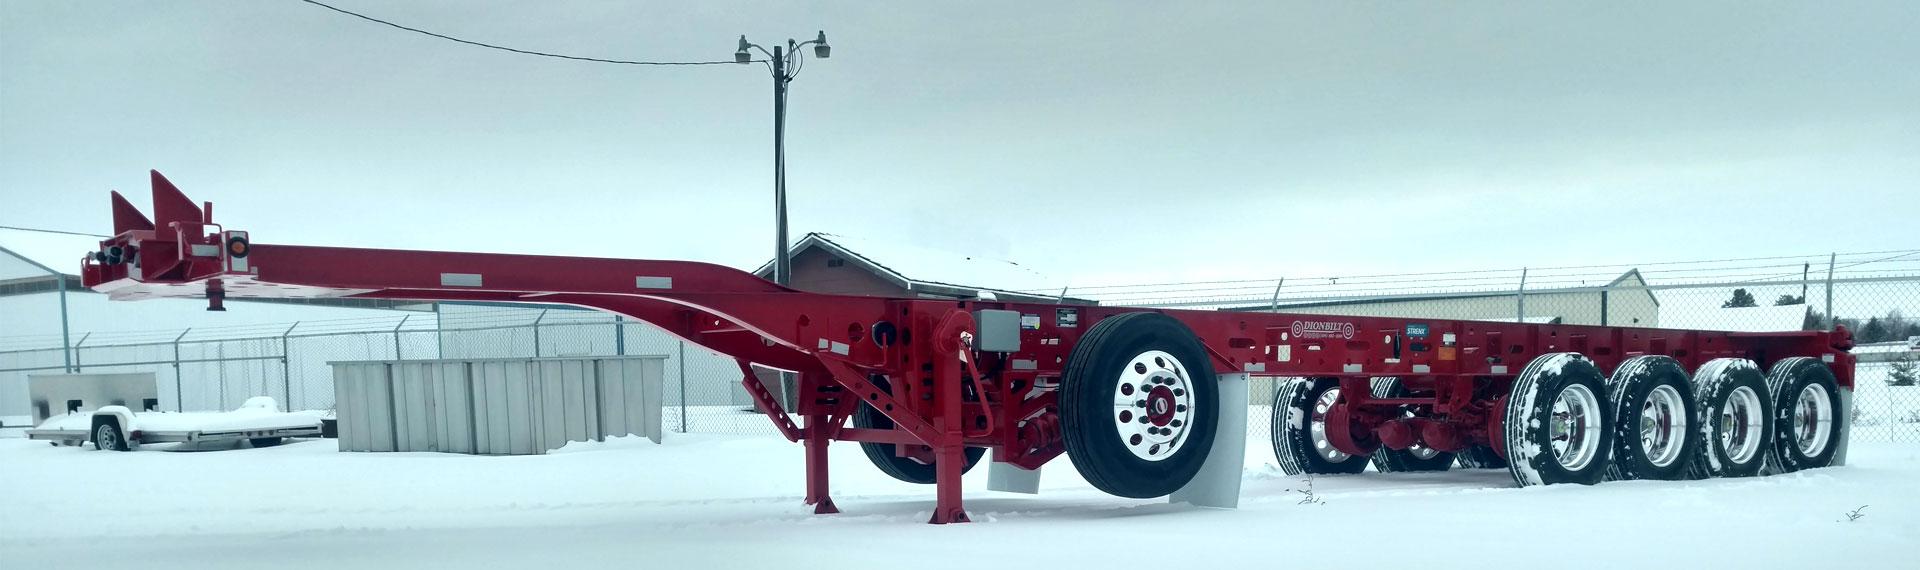 Un long châssis de remorque poids plume en acier Strenx® 100 sur un sol enneigé